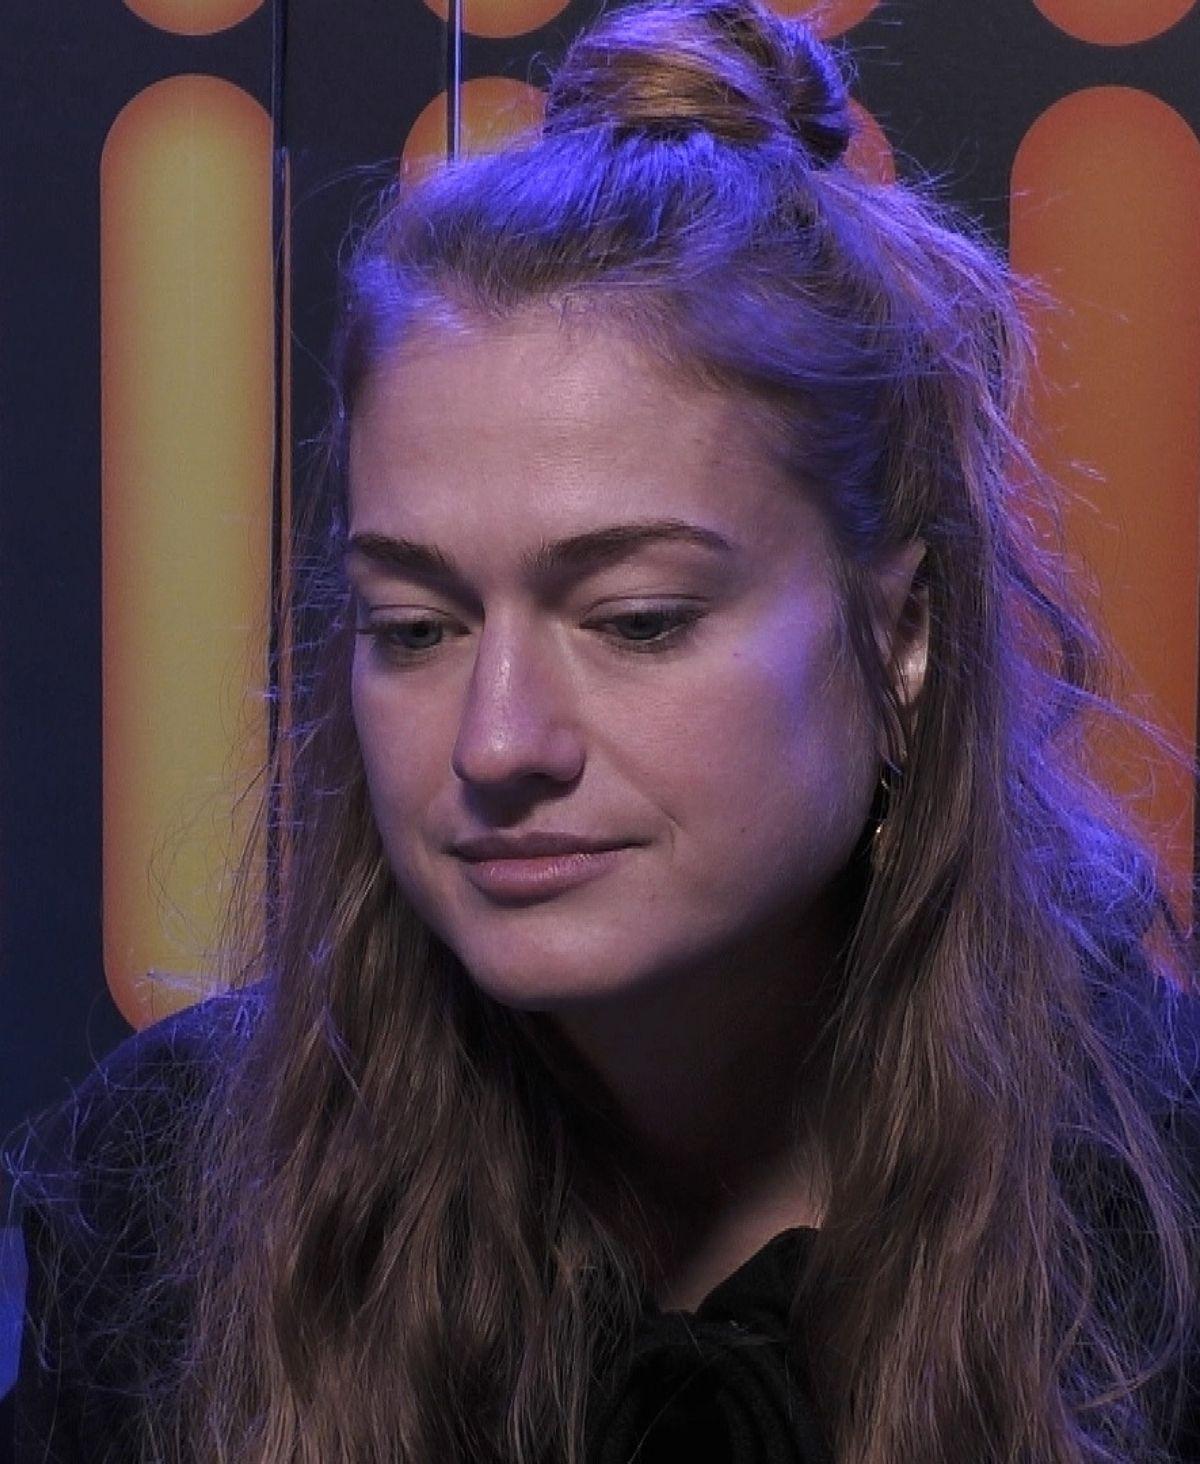 Promi BB: Mimi Gwozdz heult verzweifelt - und fällt dann eine Entscheidung